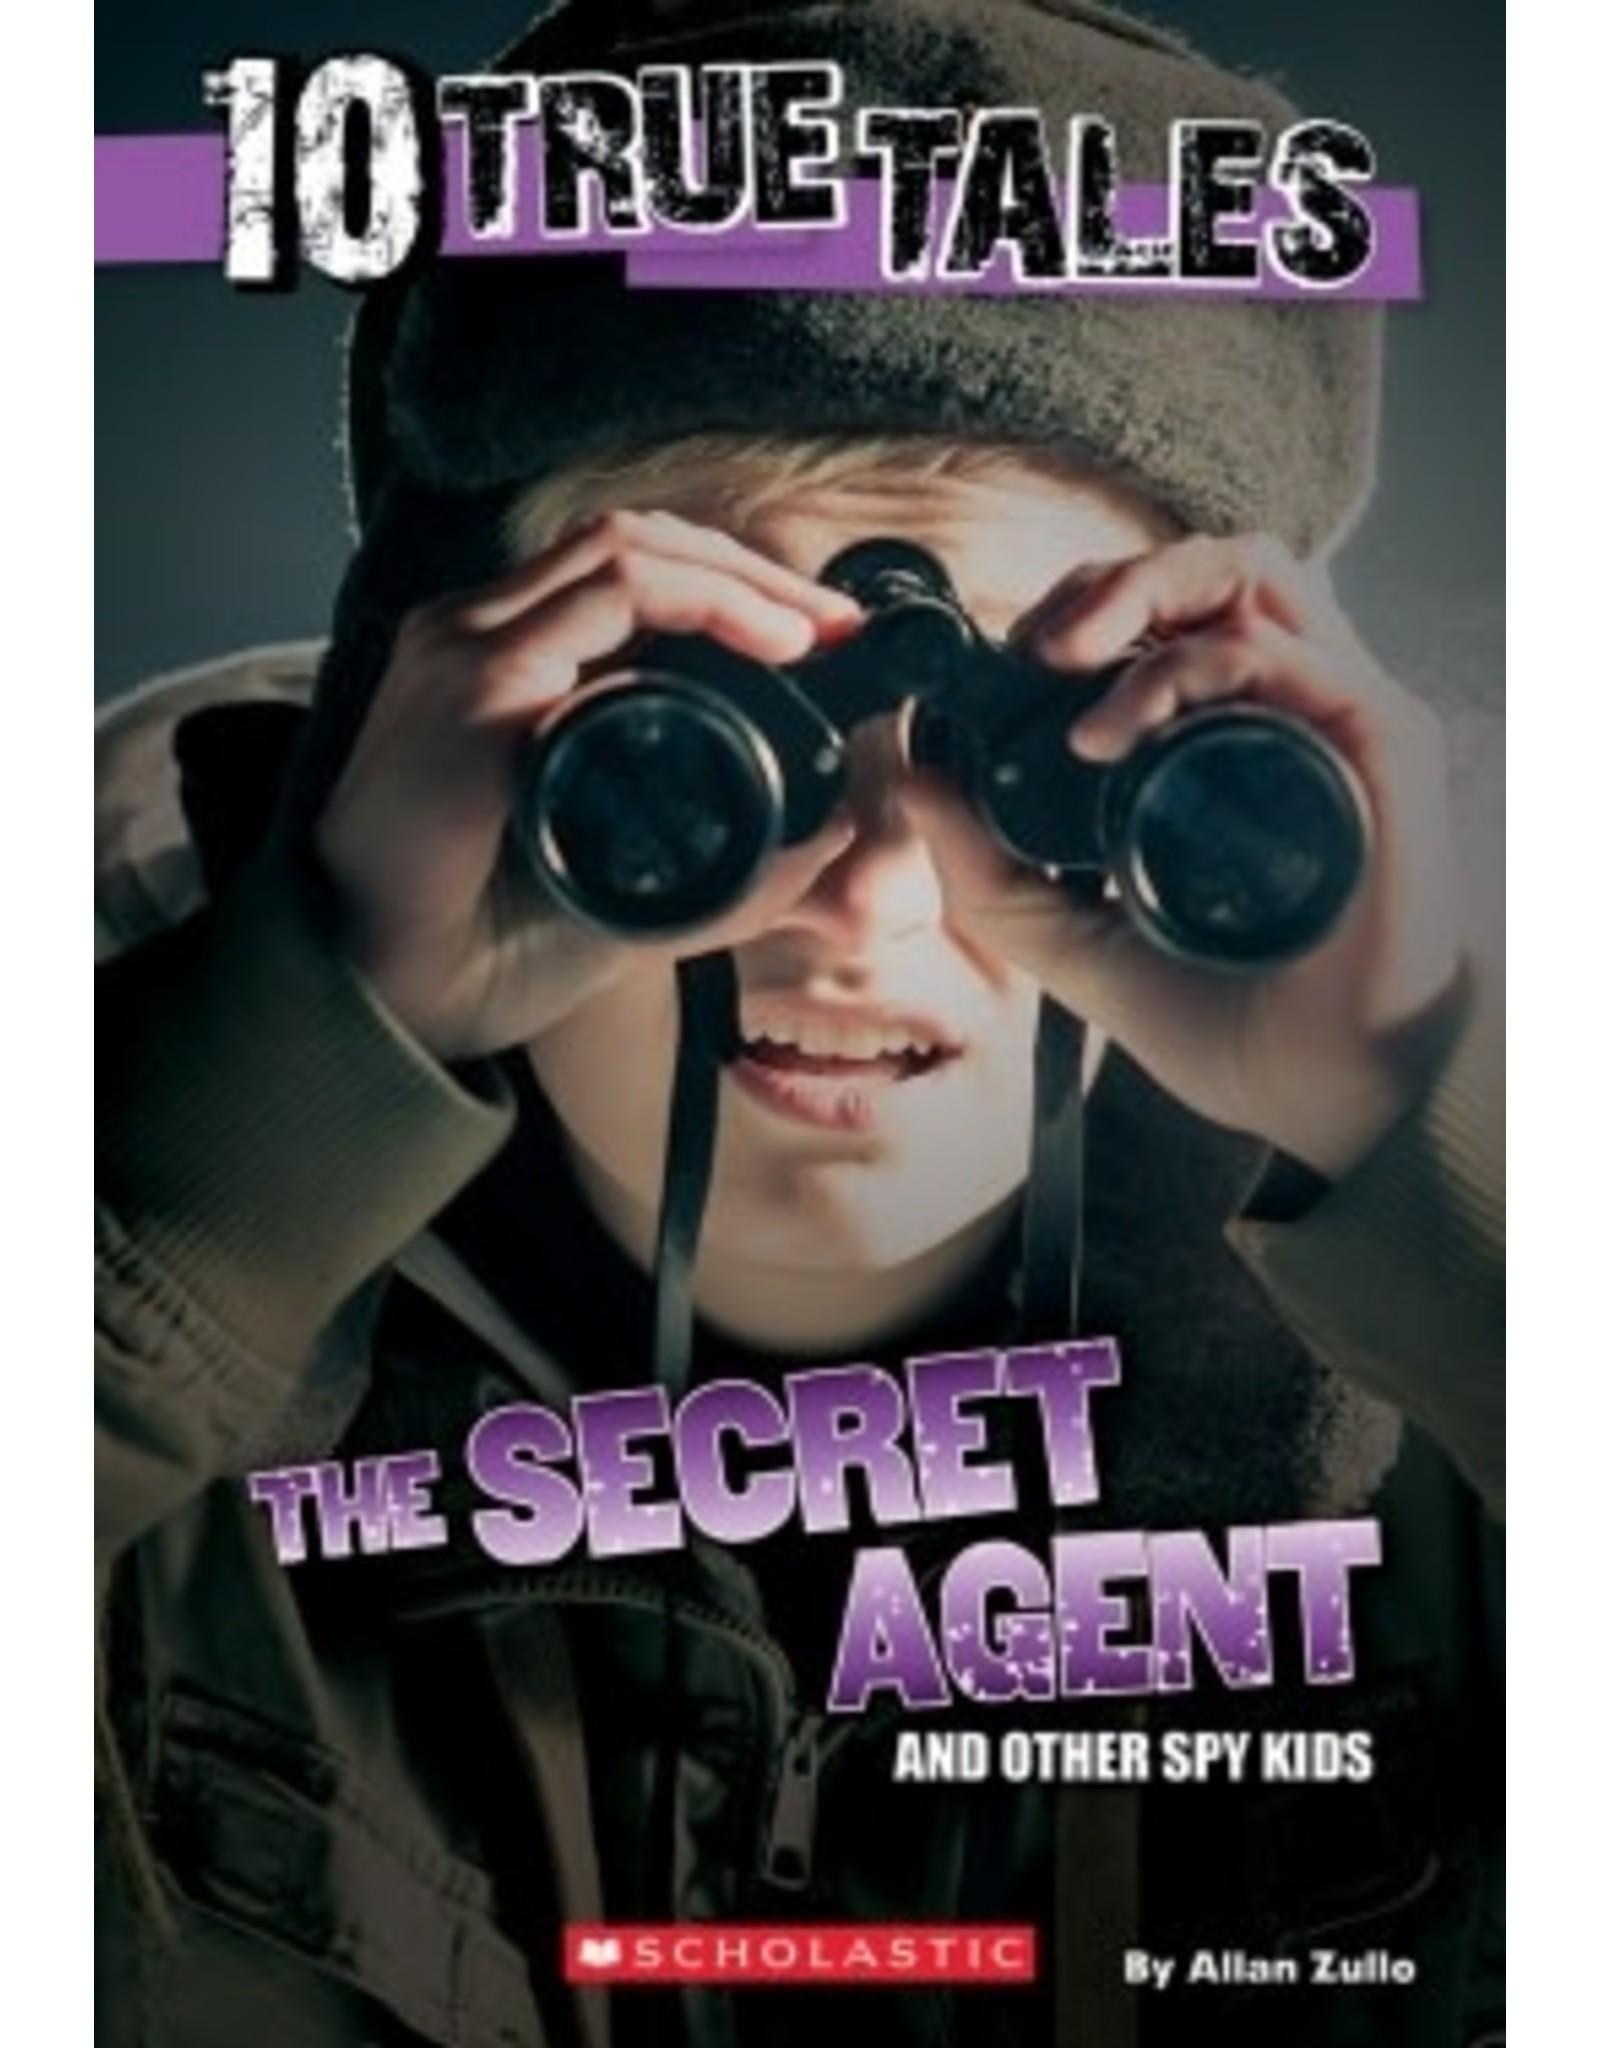 Scholastic 10 True Tales: Secret Agent